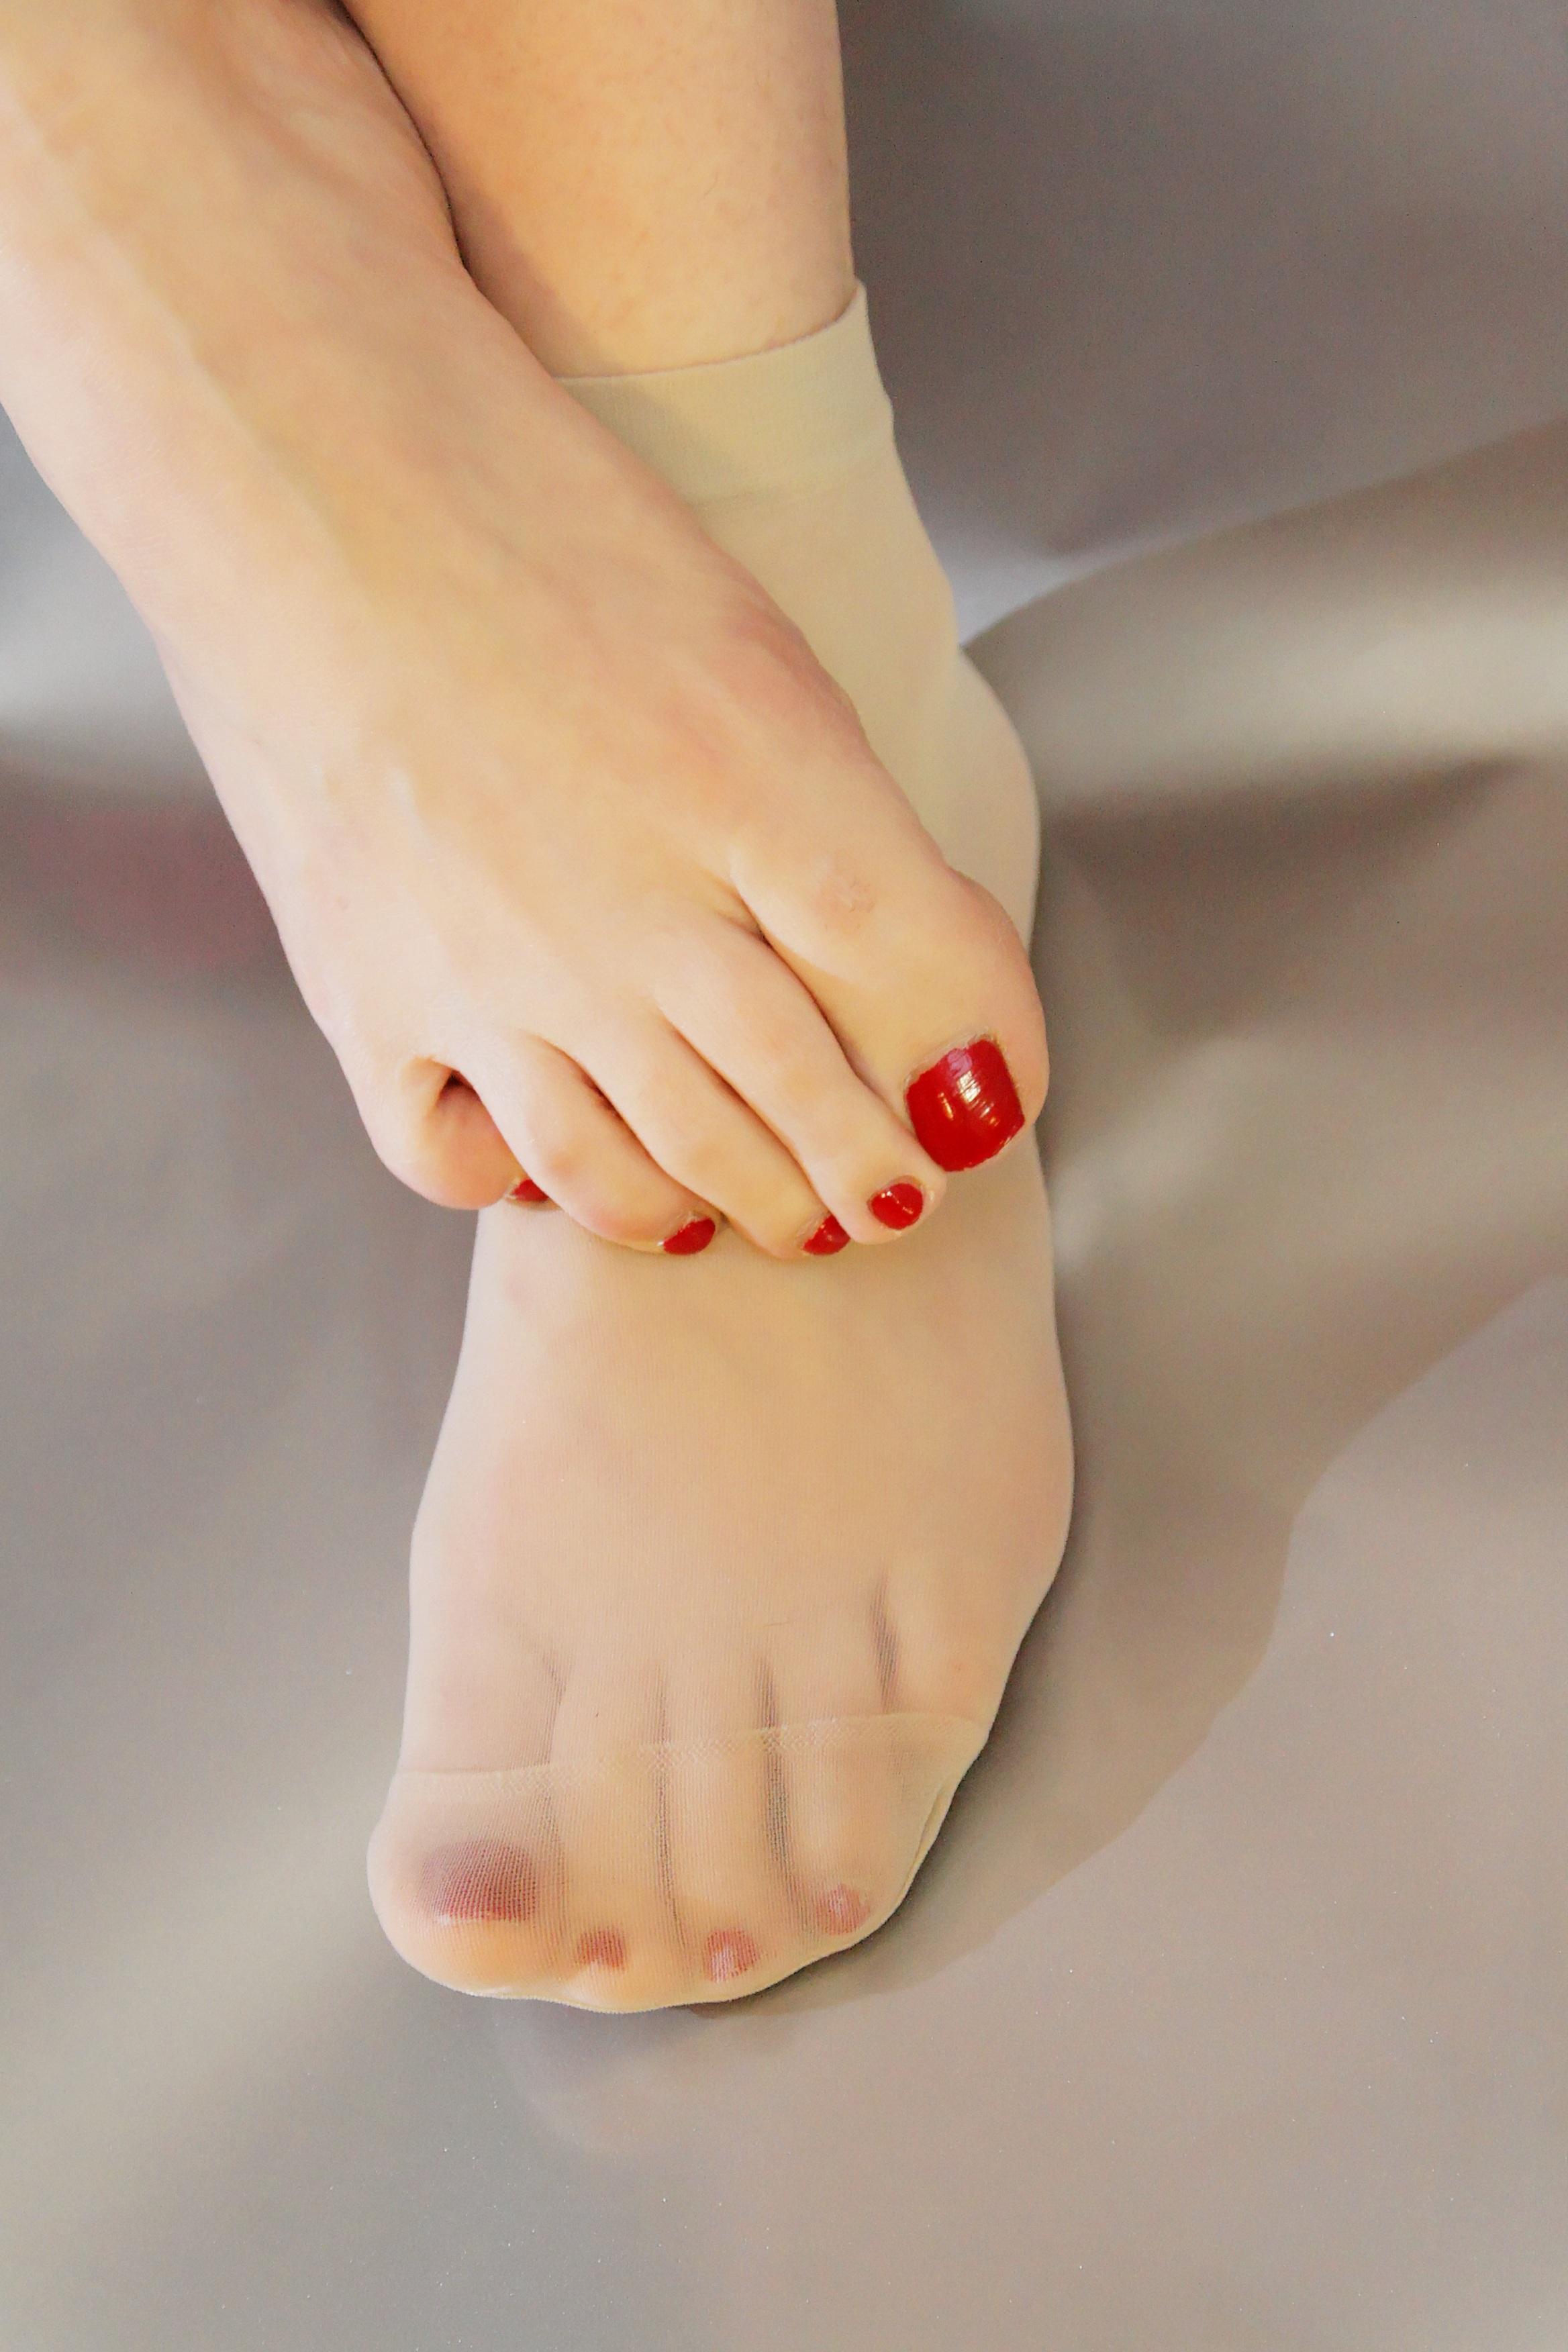 Пальчики женских ног фото